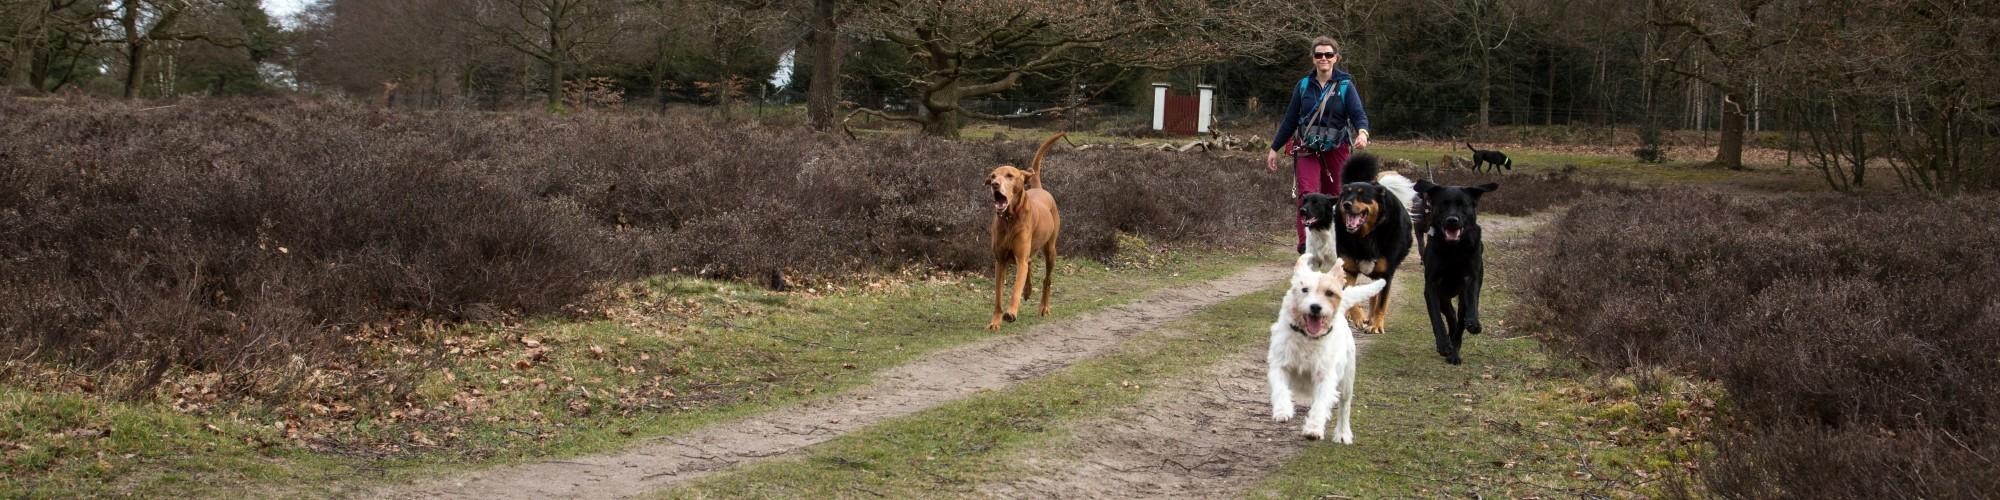 Hond uitlaten Hilversum